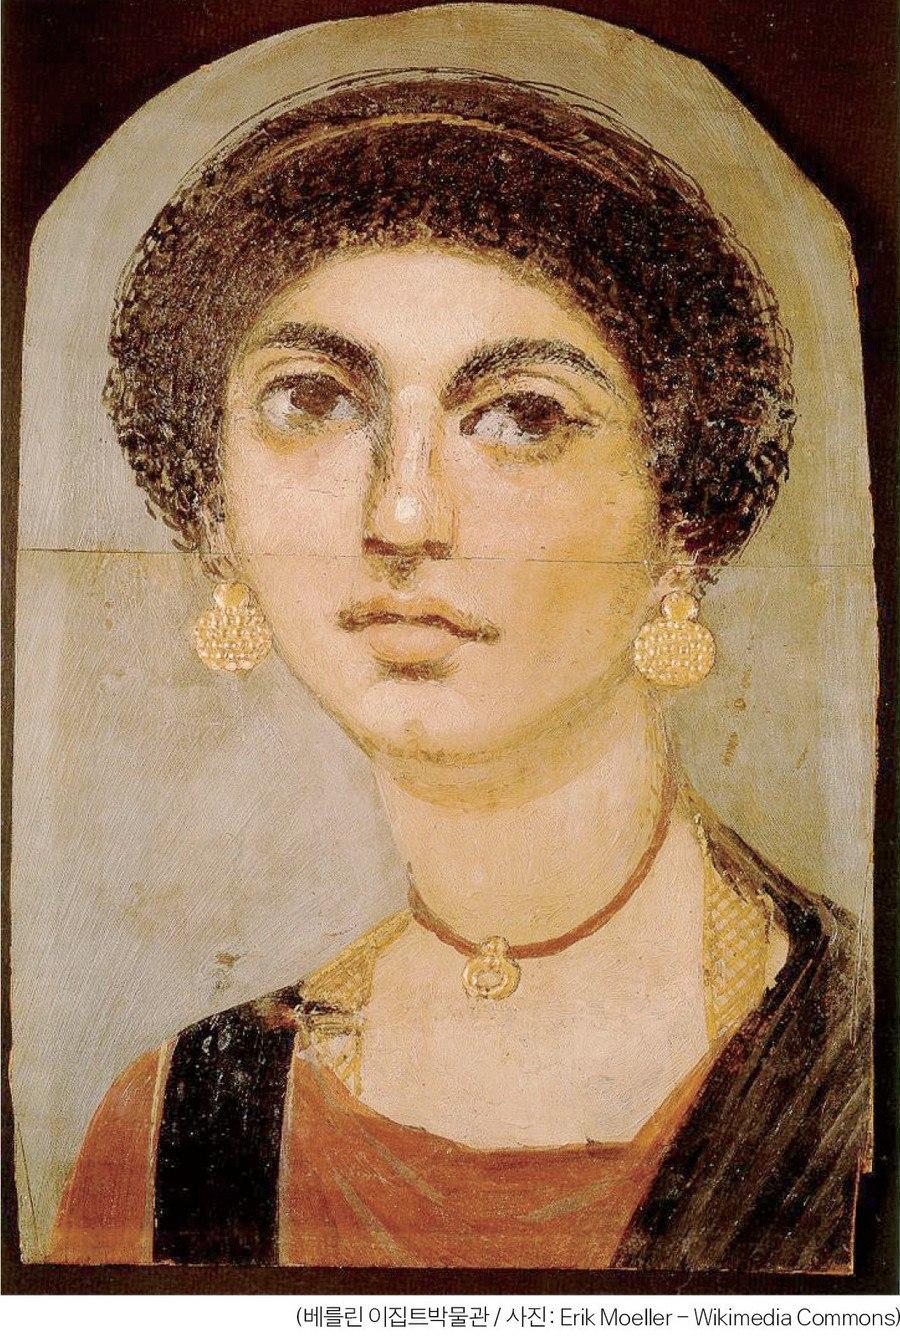 고대 이집트에서 미라가 된 주검의 얼굴 위에 놓아두었던 파이윰 초상화에 그려진 한 여인의 얼굴. 을유문화사 제공